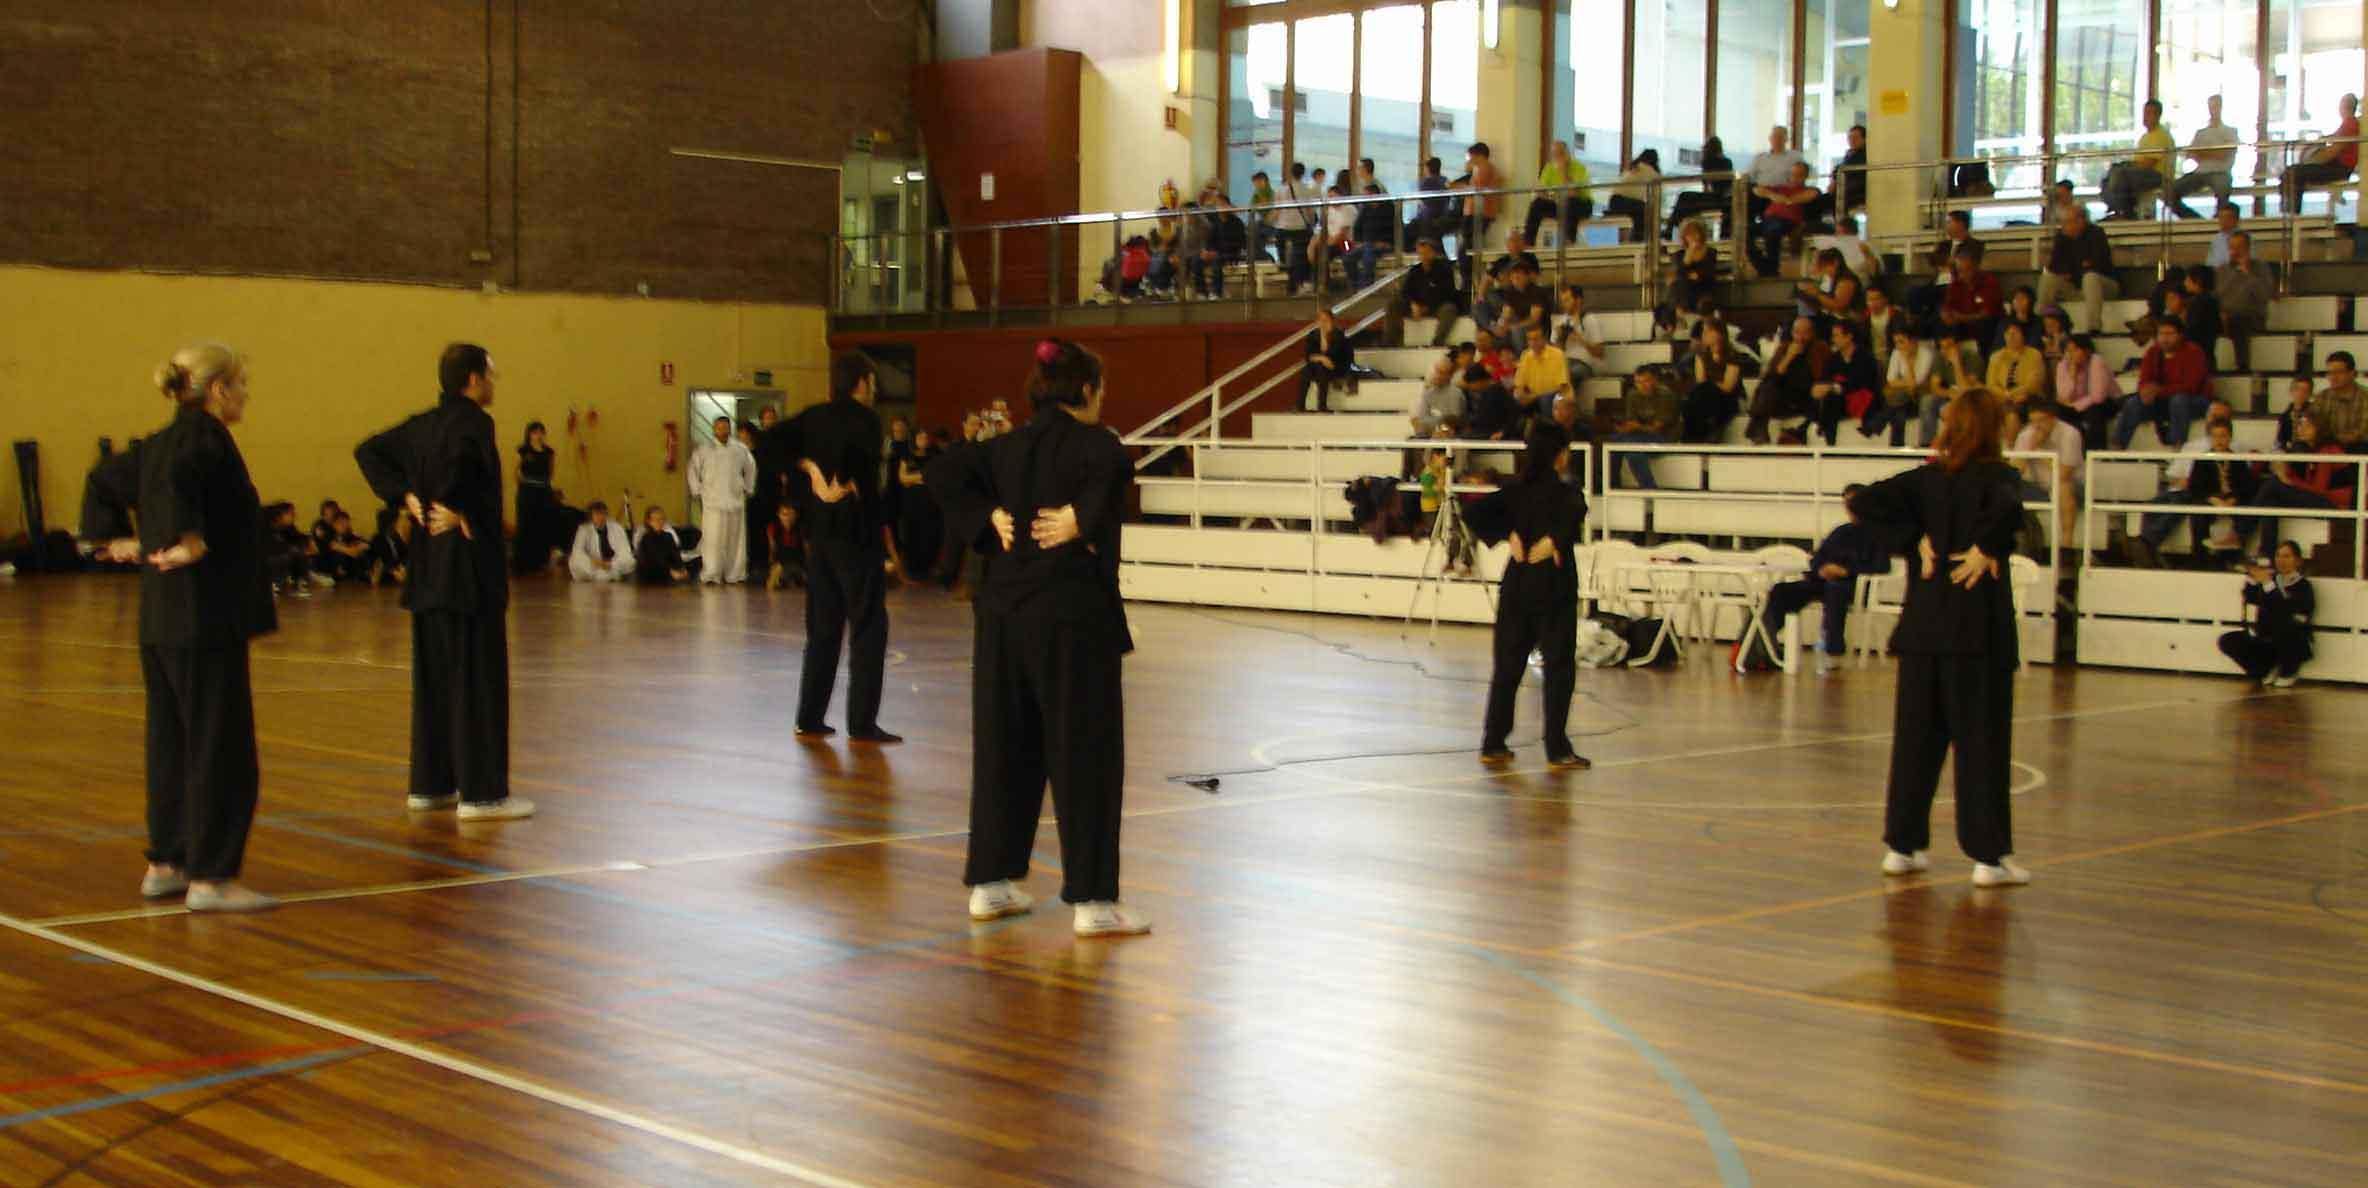 Encuentro Autonómico de Wushu (FCJIDA) en el Poliesportiu Llars Mundet